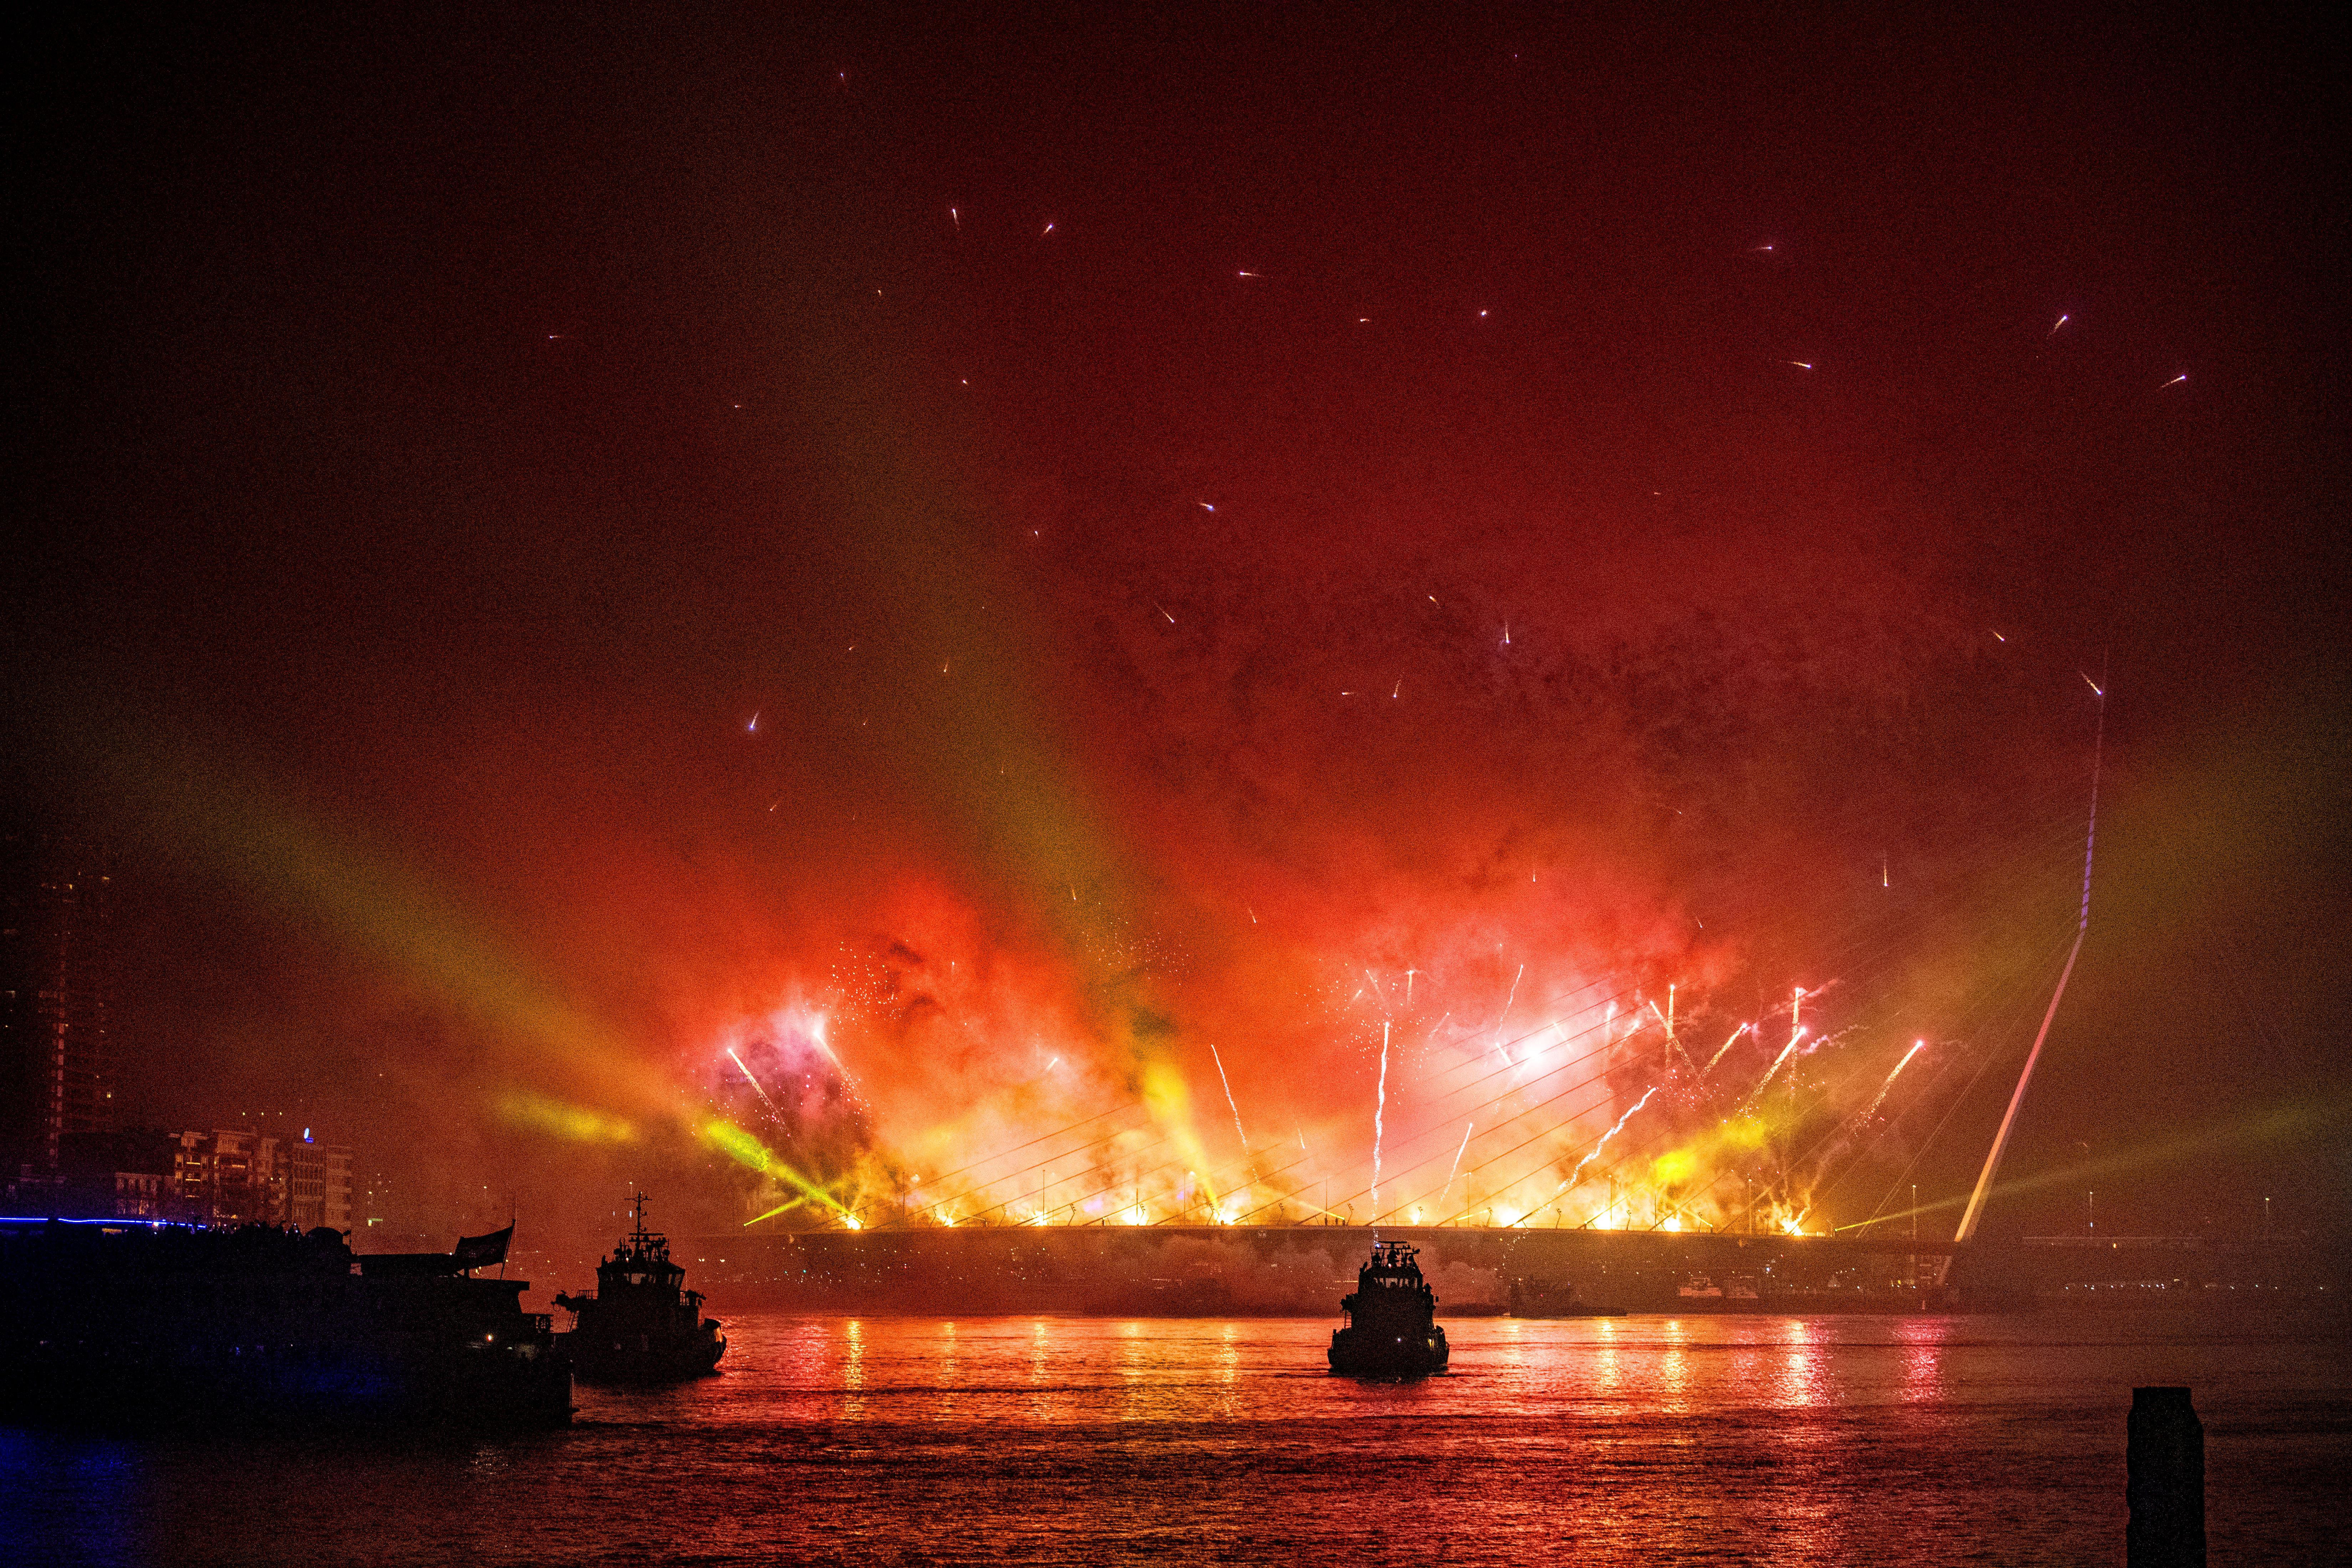 Lezers massaal klaar met traditie. 'We zijn een raar vuurwerkland geworden'